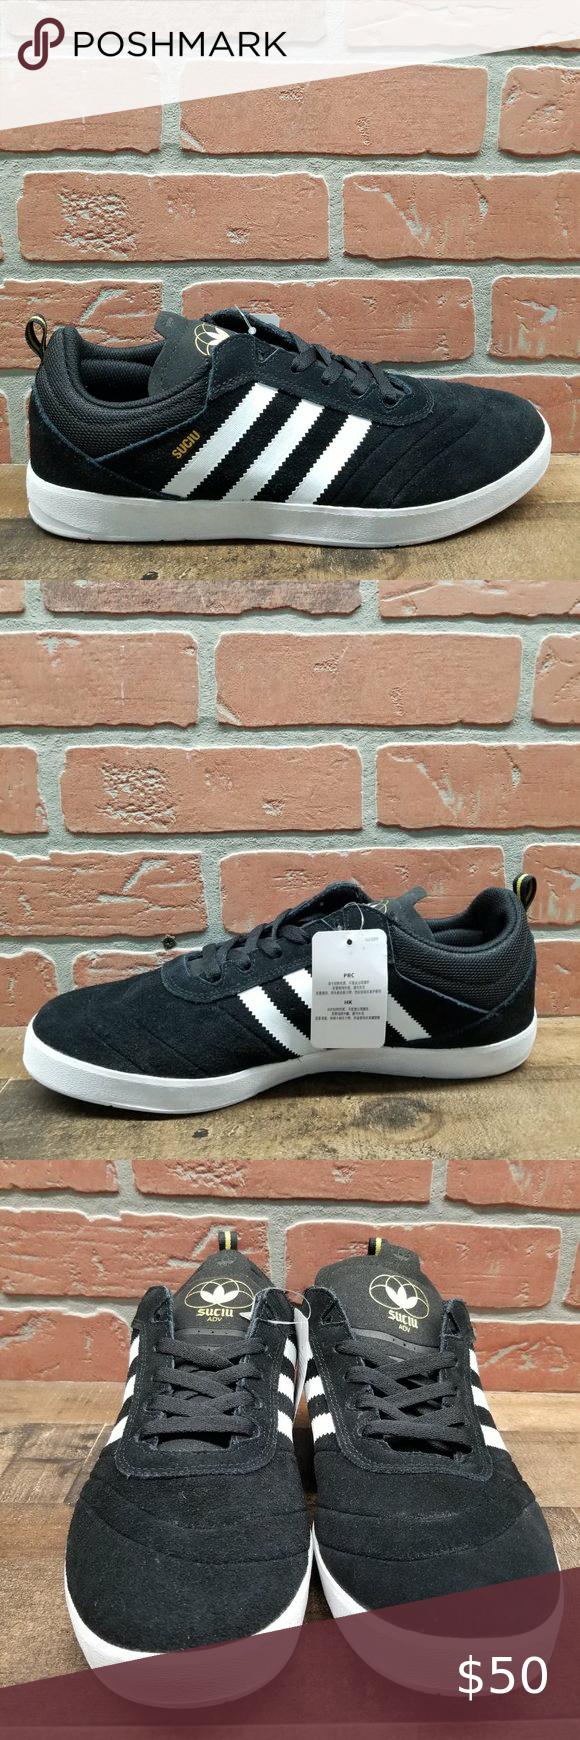 elige lo último gran inventario super popular Adidas Mark Suciu ADV Shoes Adidas Mark Suciu ADV Shoes Sz Men's ...